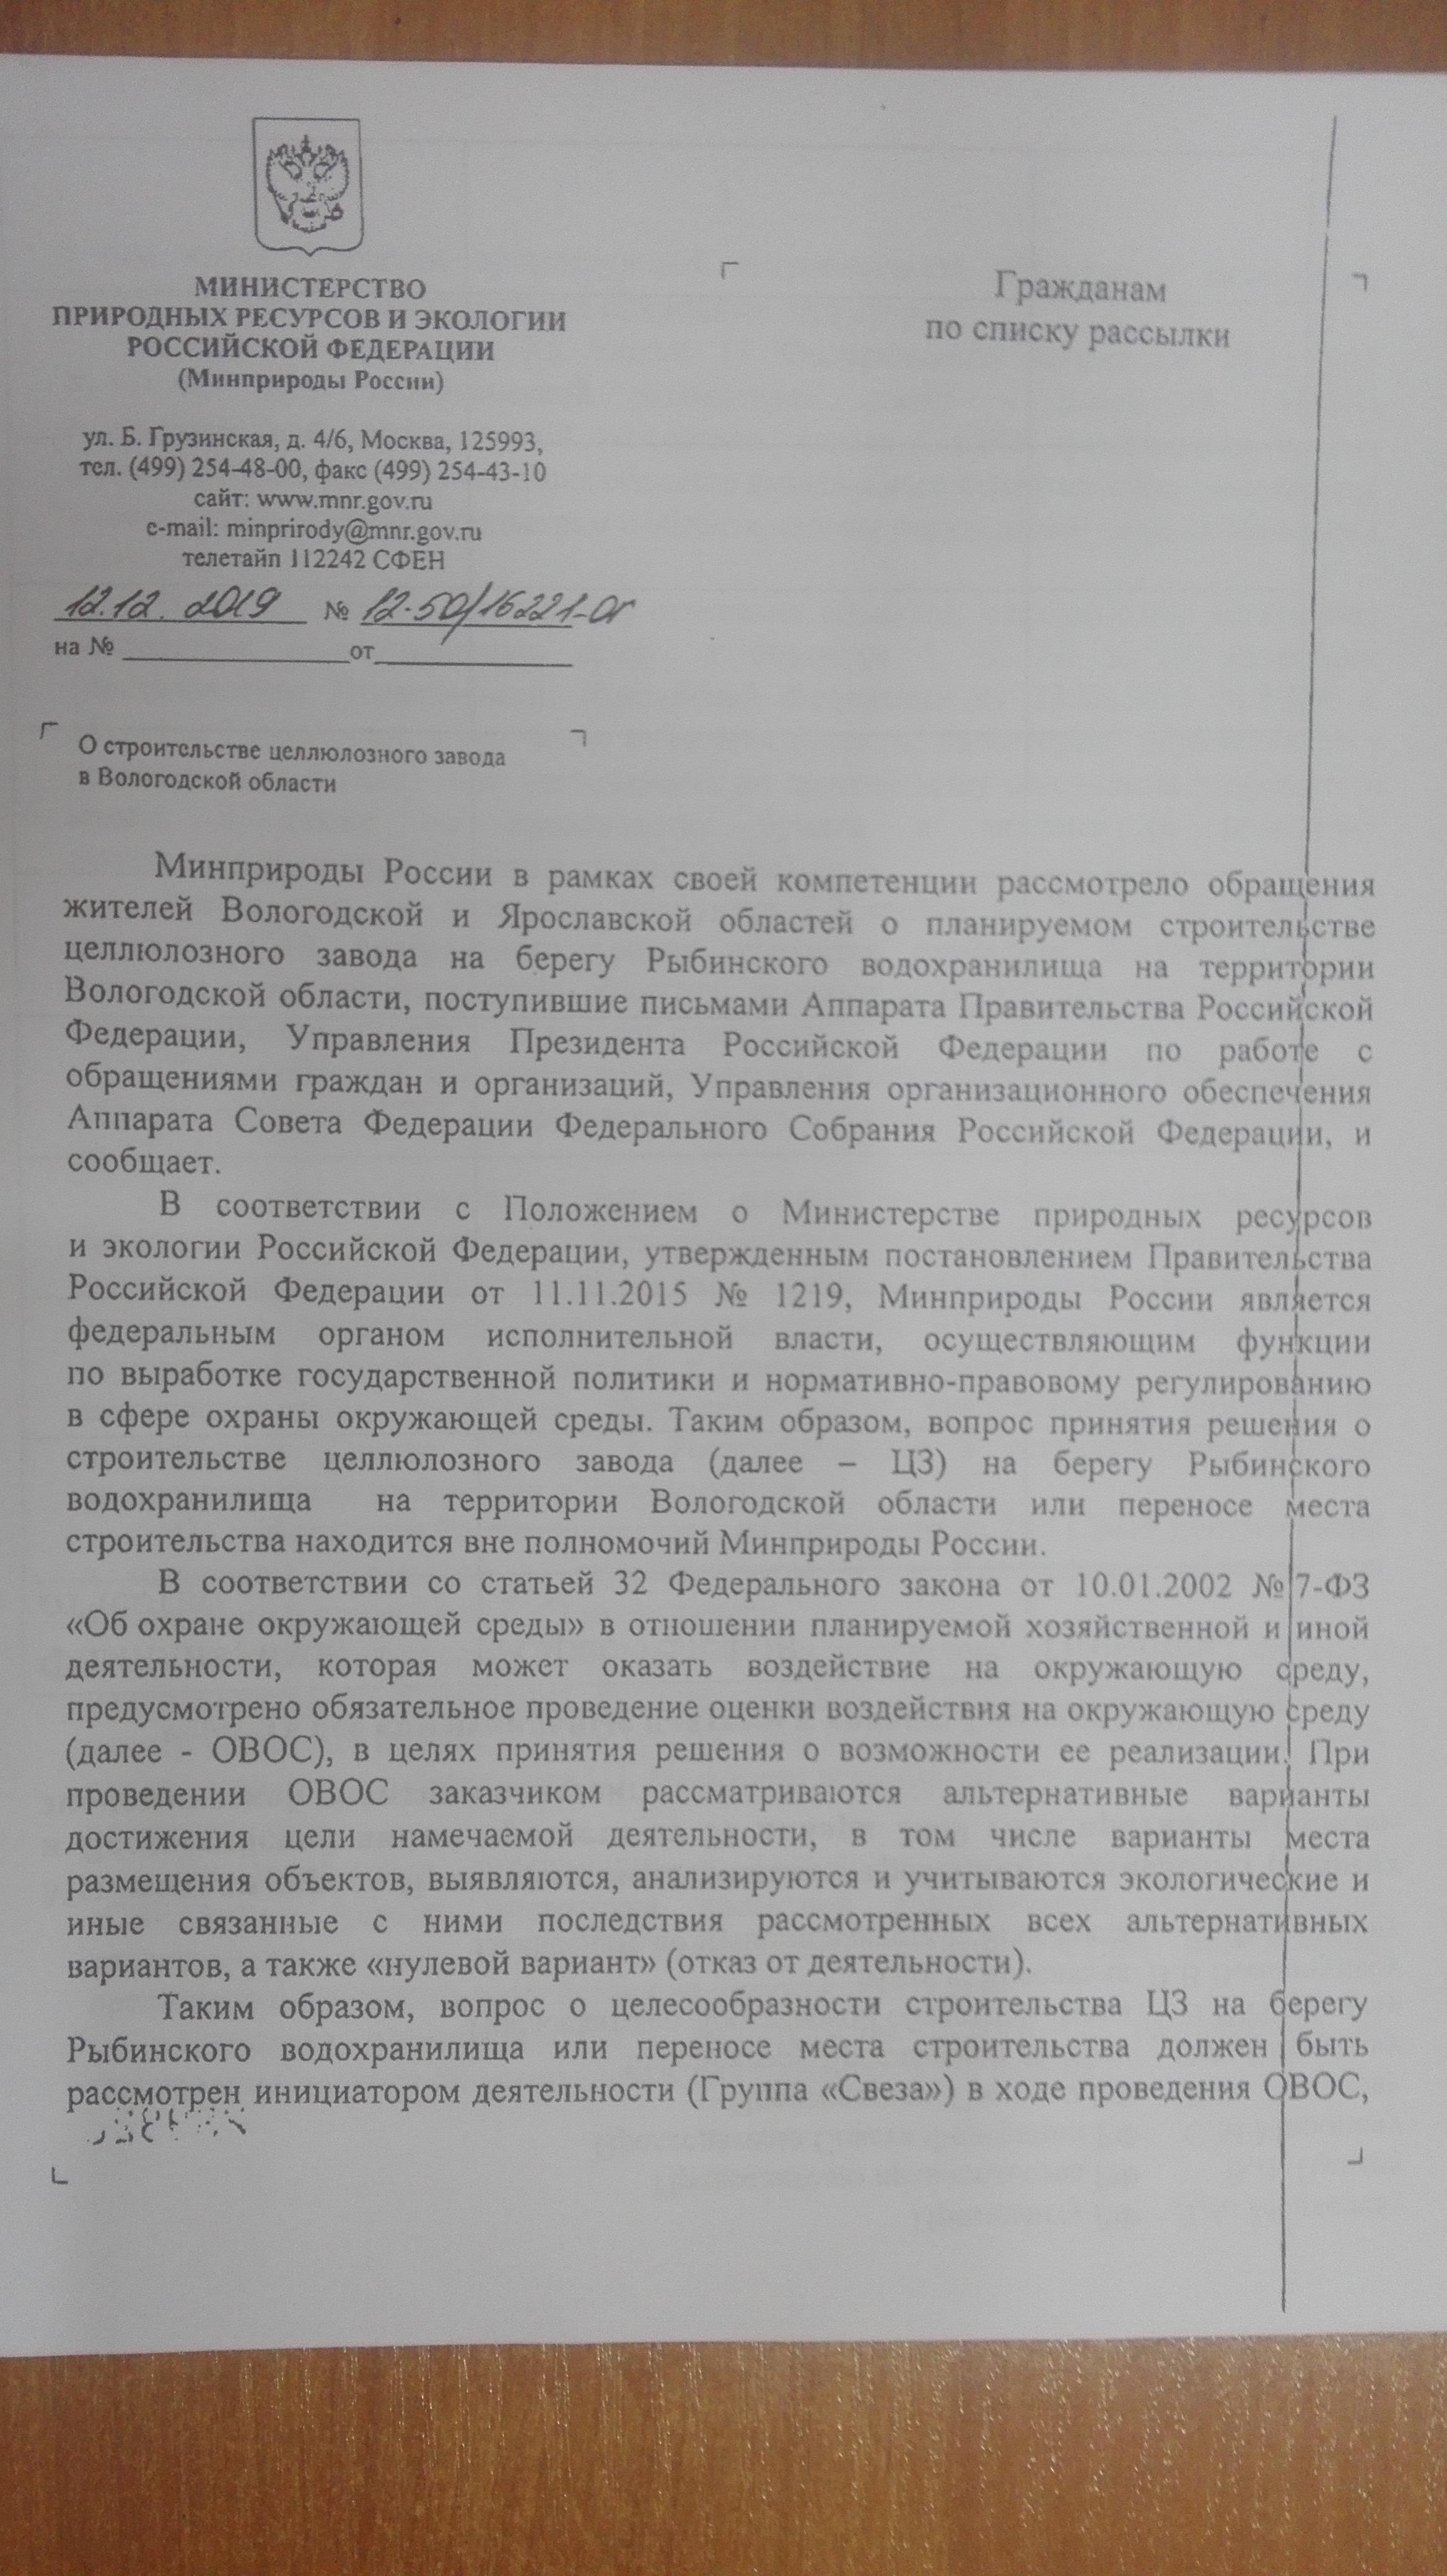 Получен ответ из Минприроды РФ по ЦБК